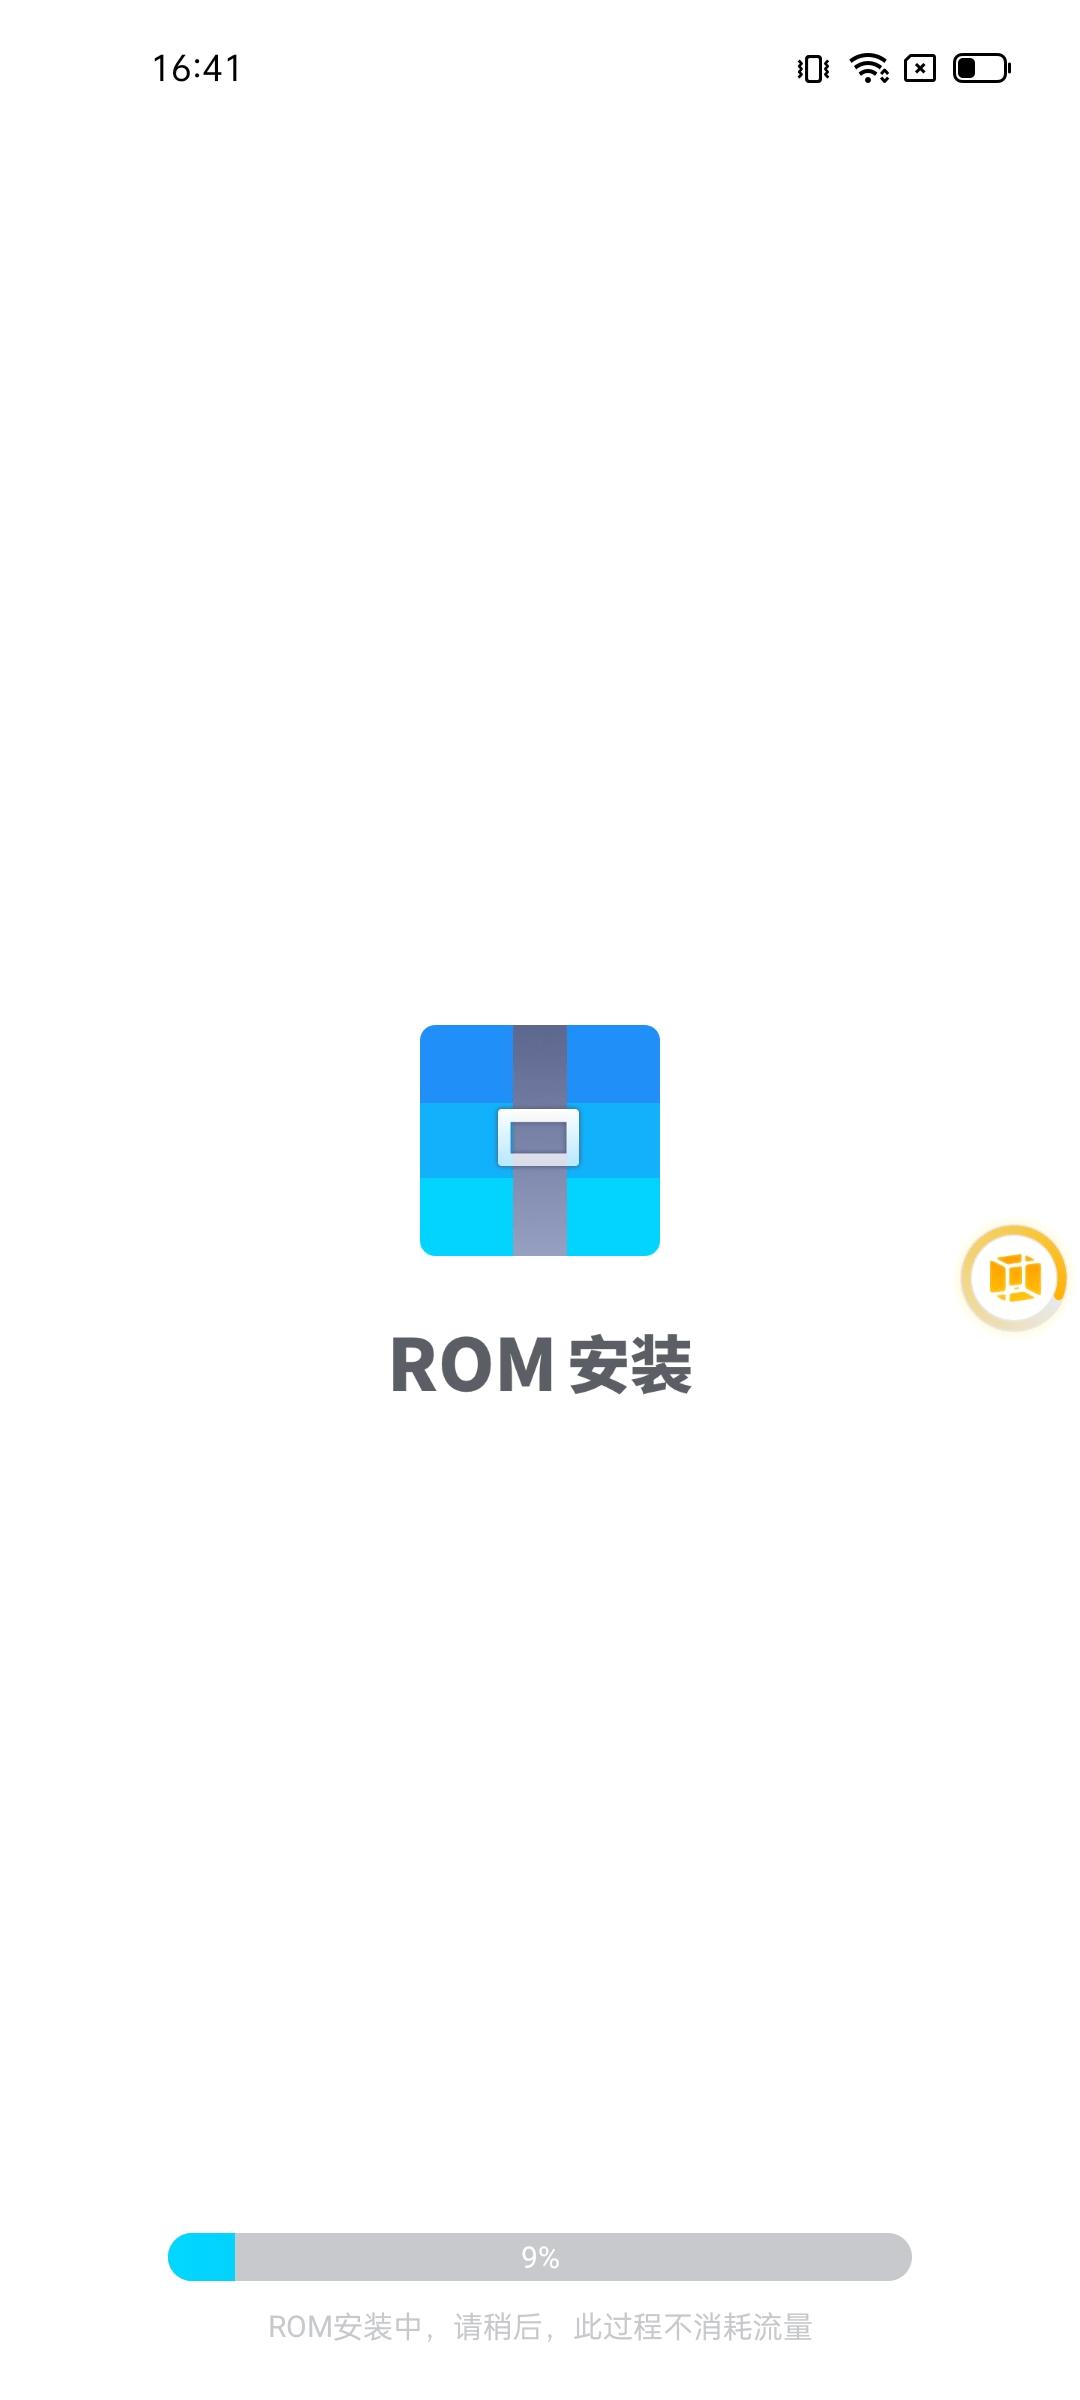 天顺平台开户-首页【1.1.8】  第6张